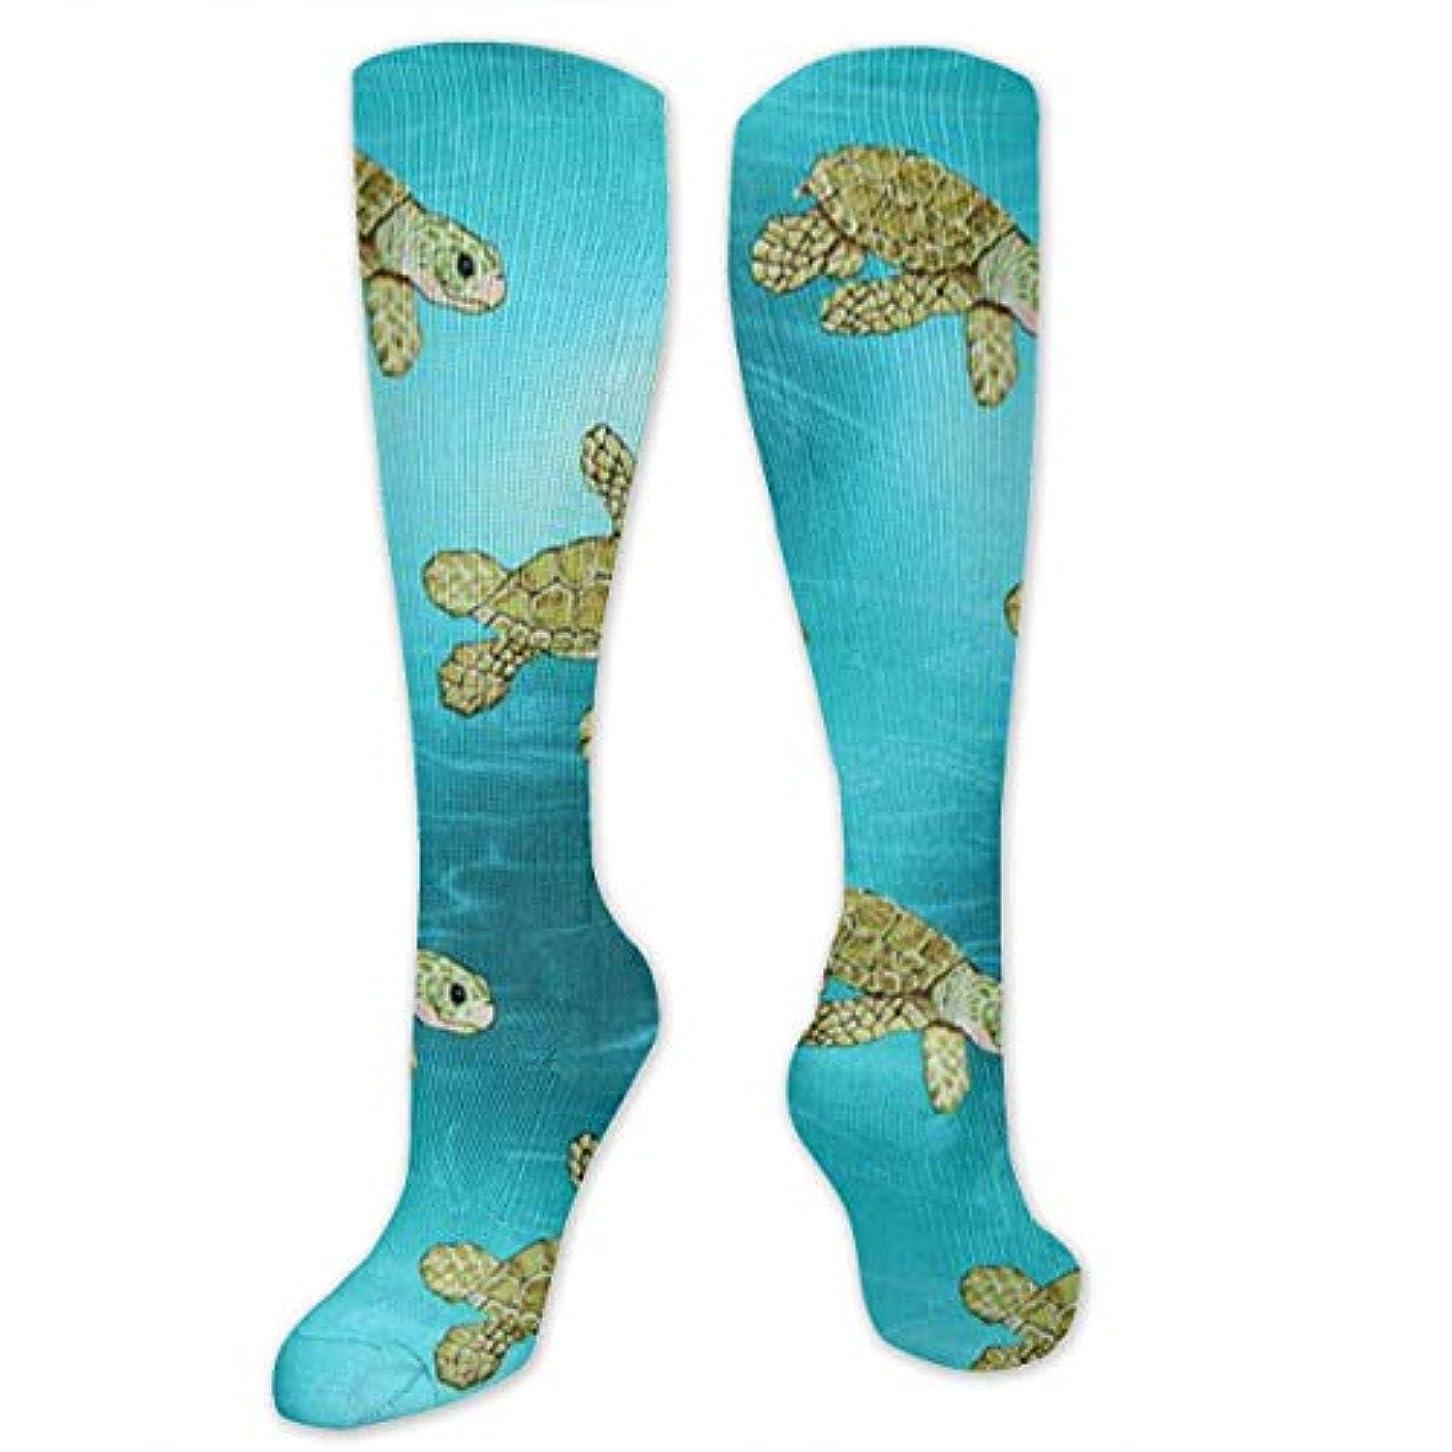 オーラル福祉首相靴下,ストッキング,野生のジョーカー,実際,秋の本質,冬必須,サマーウェア&RBXAA Surf Boys' Terrapin Turtle Socks Women's Winter Cotton Long Tube Socks...